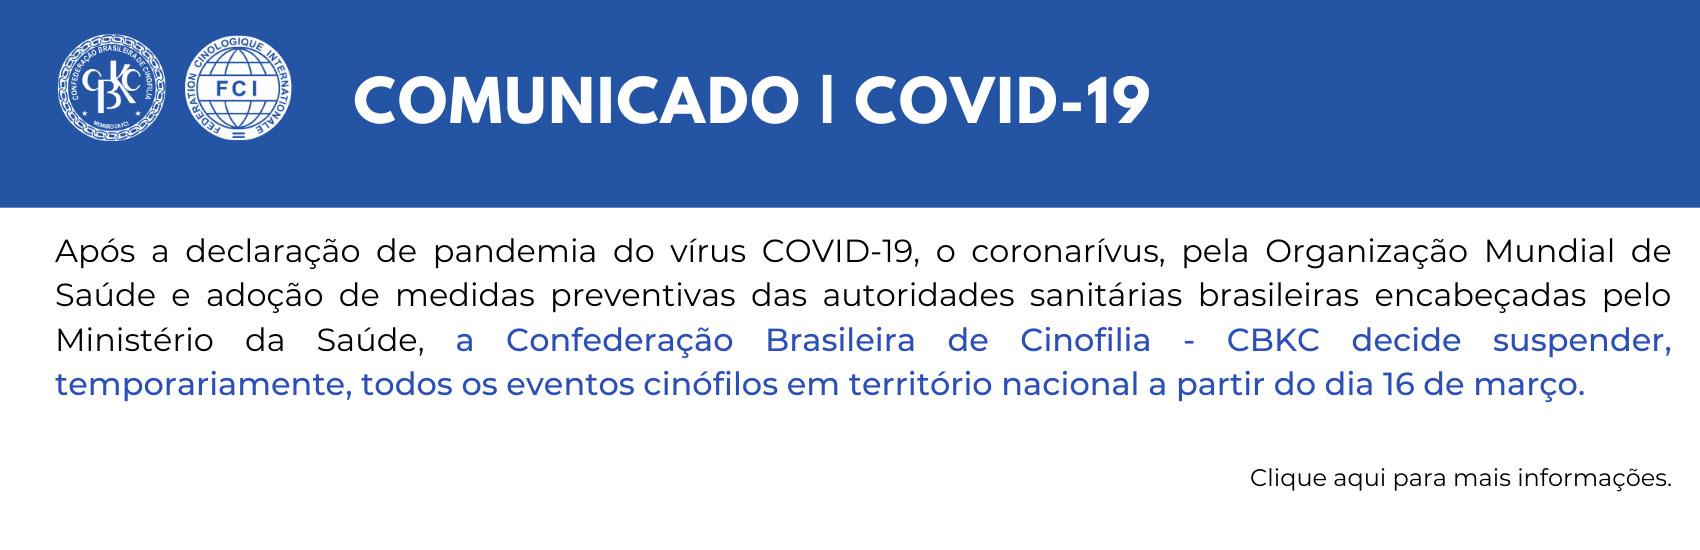 CBKC - Comunicado CBKC - Covid-19.